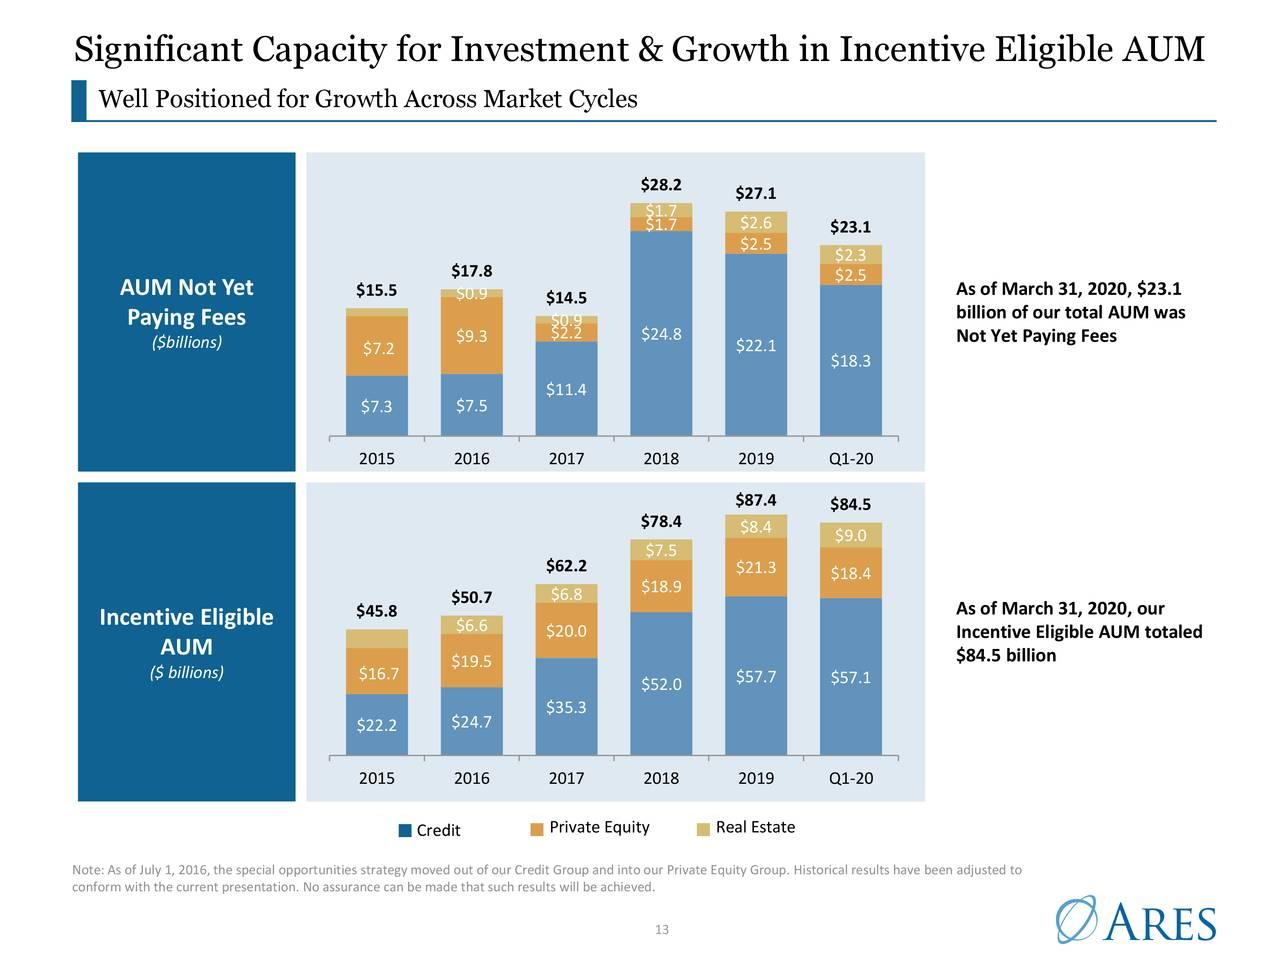 Capacidad significativa de inversión y crecimiento en AUM elegible para incentivos